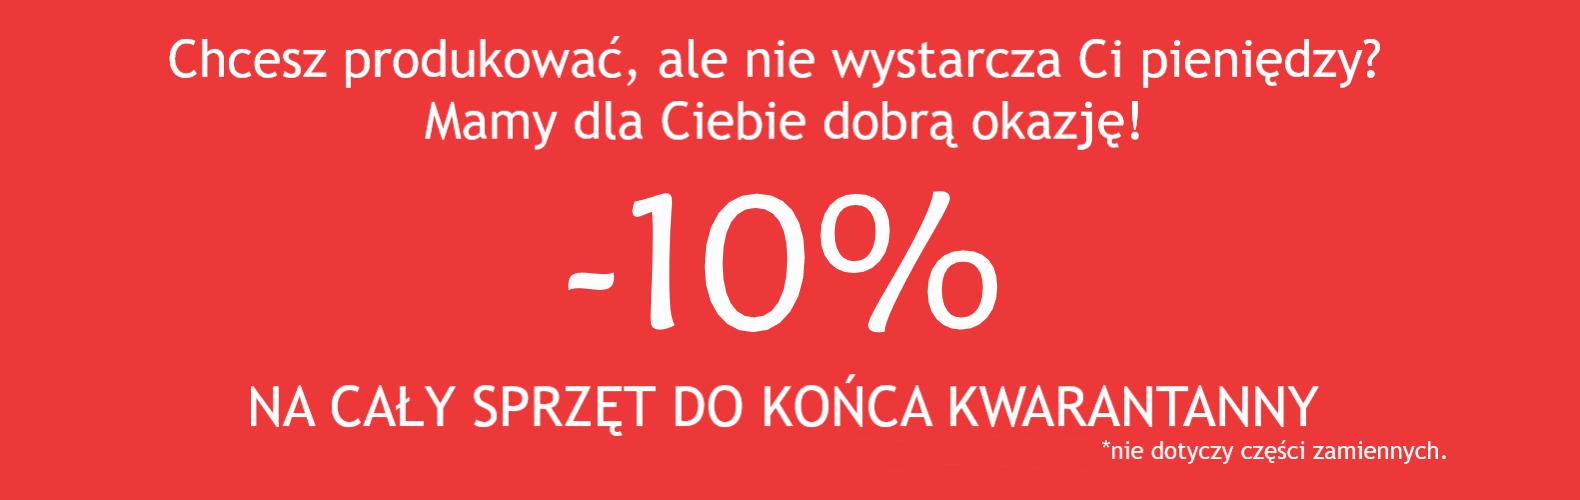 wefwfe